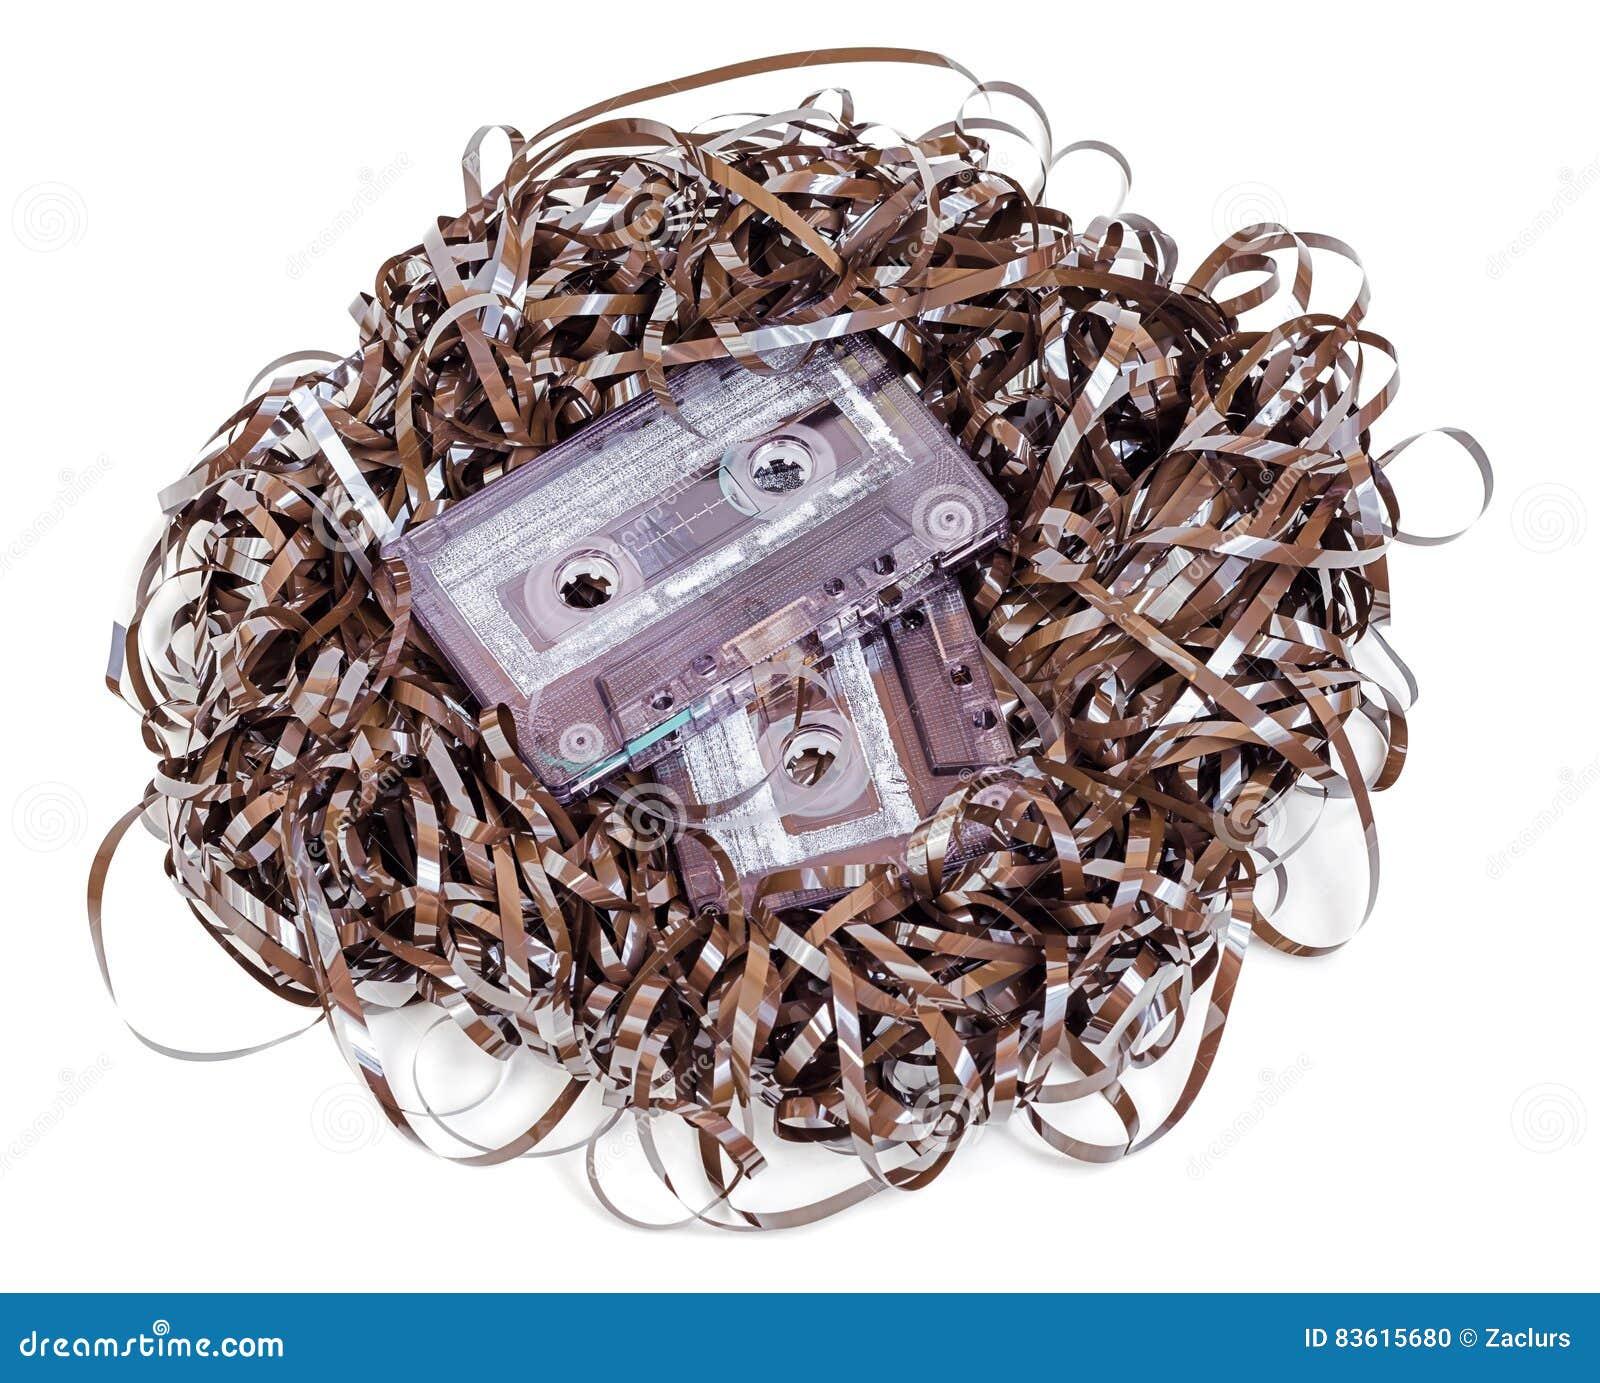 Cassette sonore analogue avec l embrouillement de bande d isolement